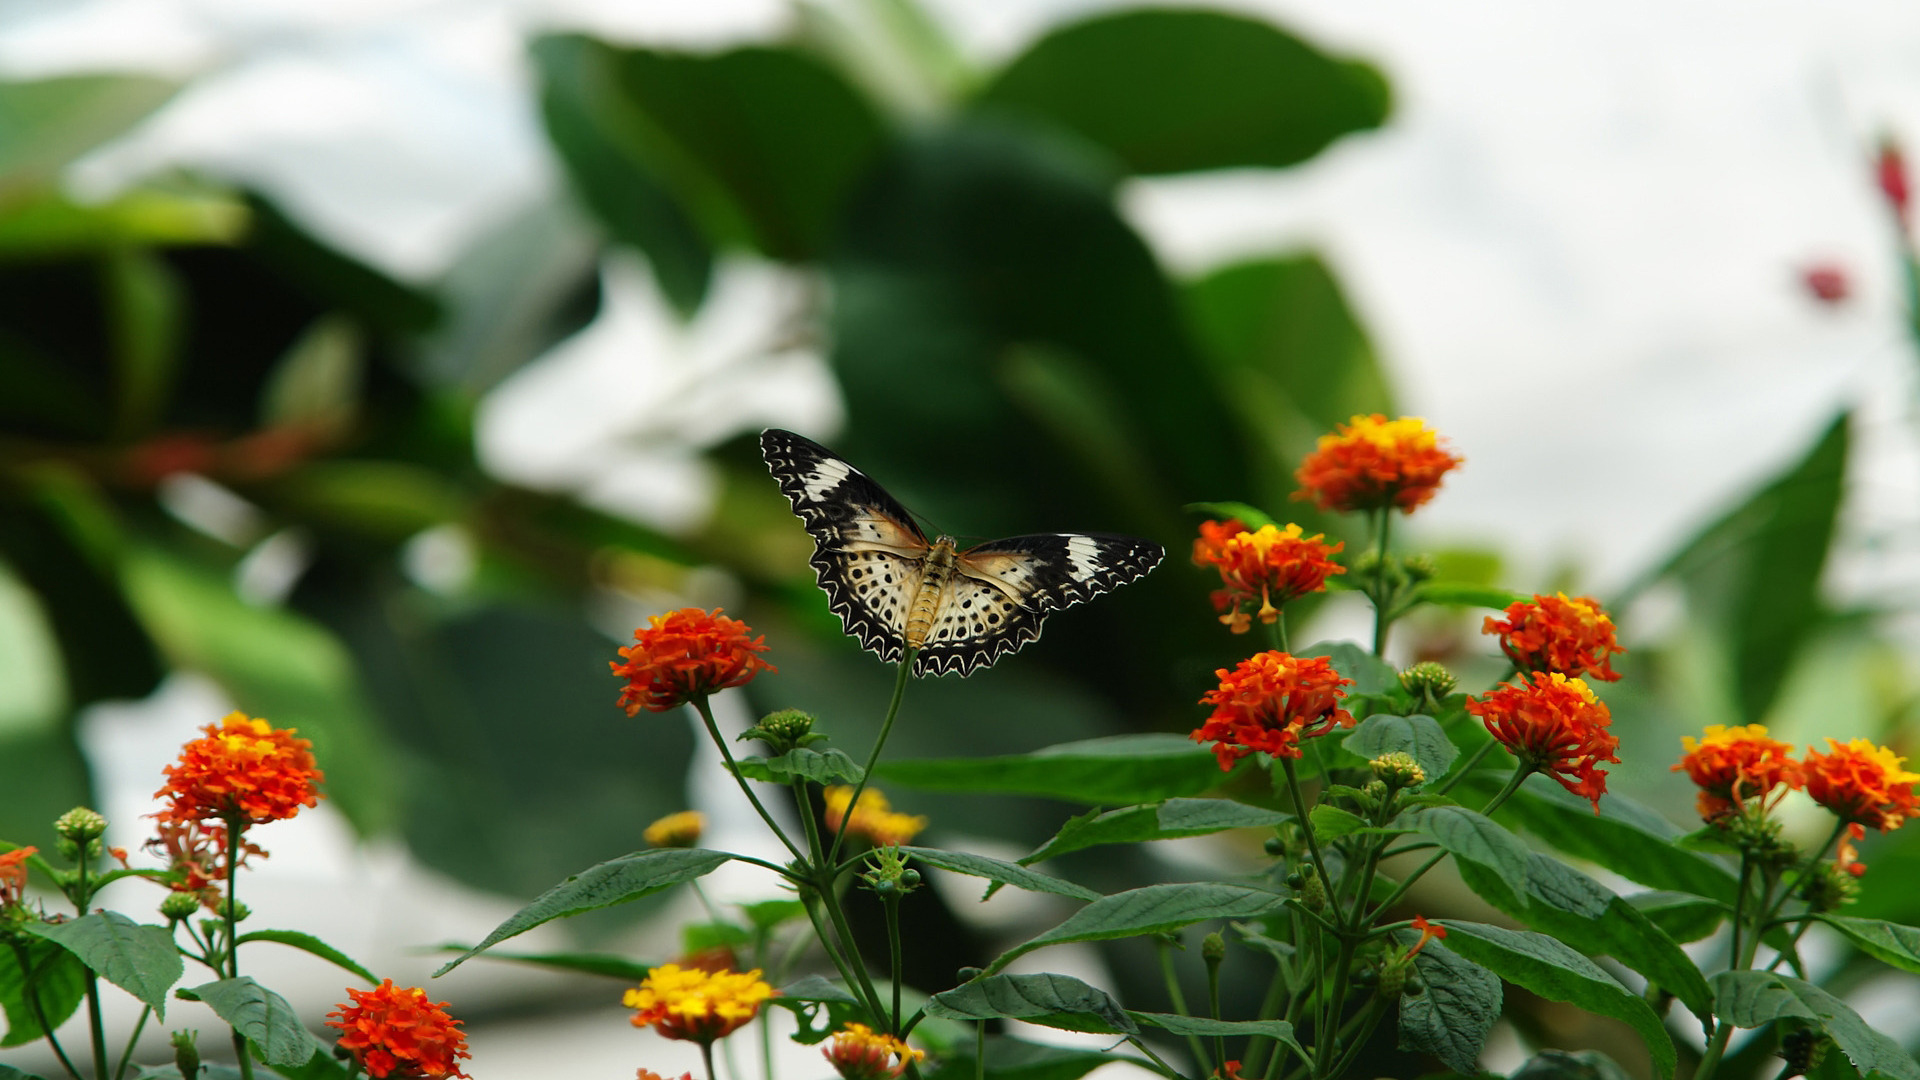 Butterfly beautiful hd wallpaper 1920x1080